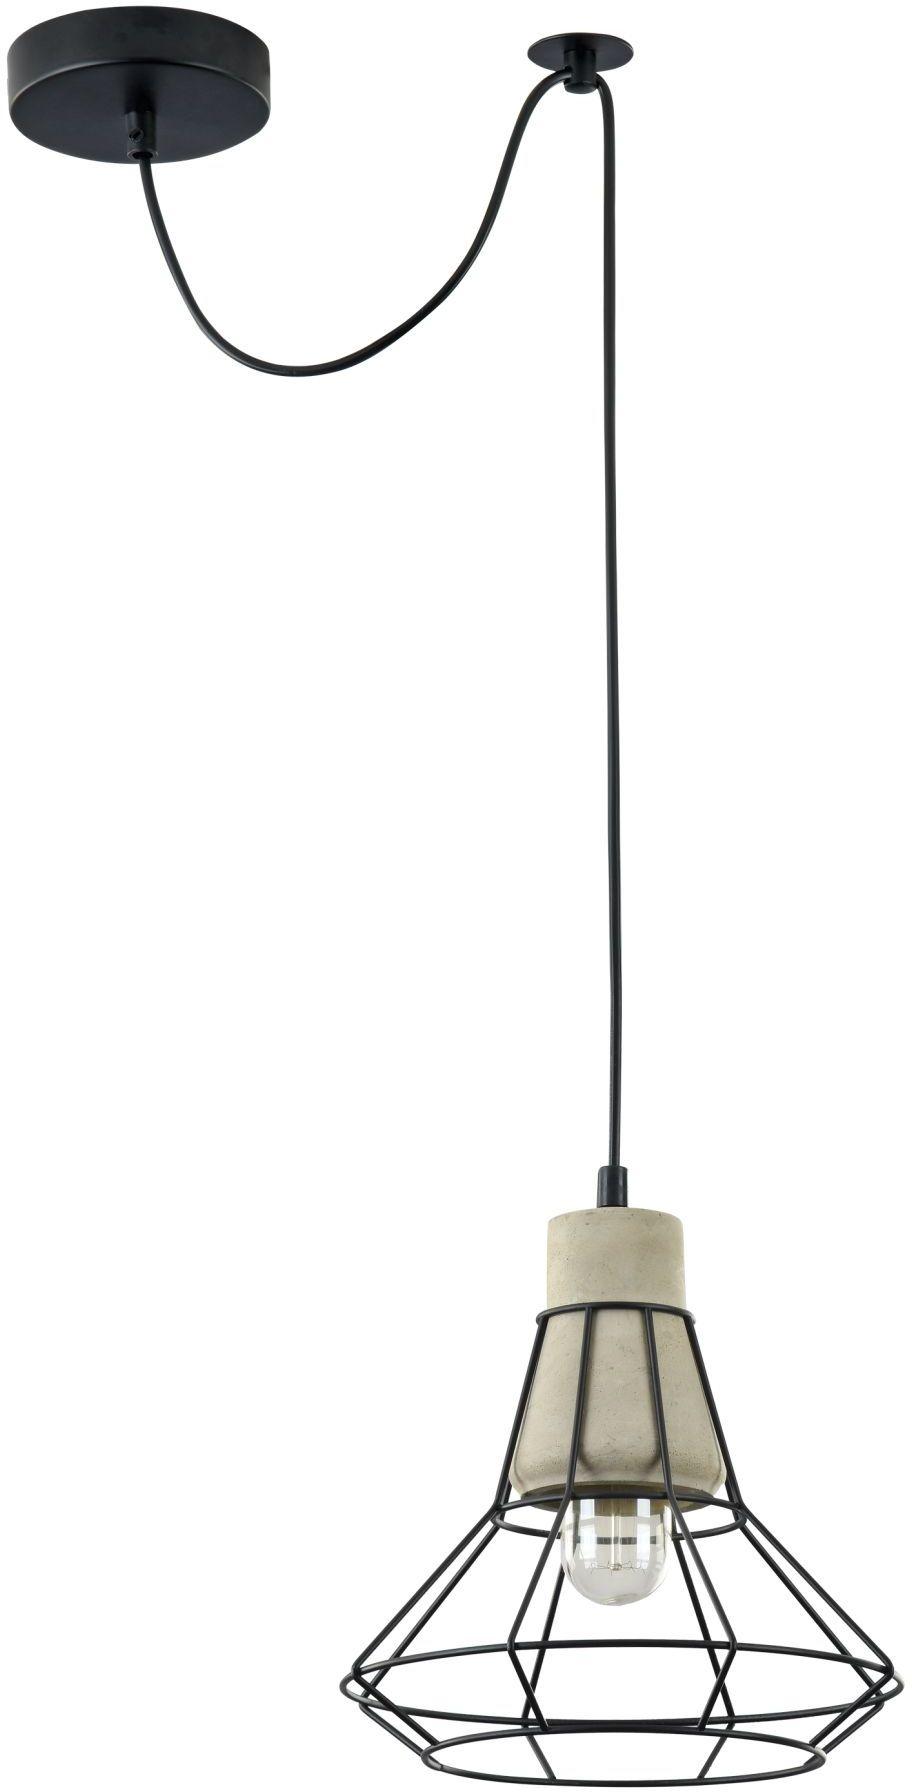 Maytoni Gosford T452-PL-01-GR lampa wisząca klosz betonowy metalowy dekor czarny regulowana wysokość klosz szary 1xE27 60W 23 cm